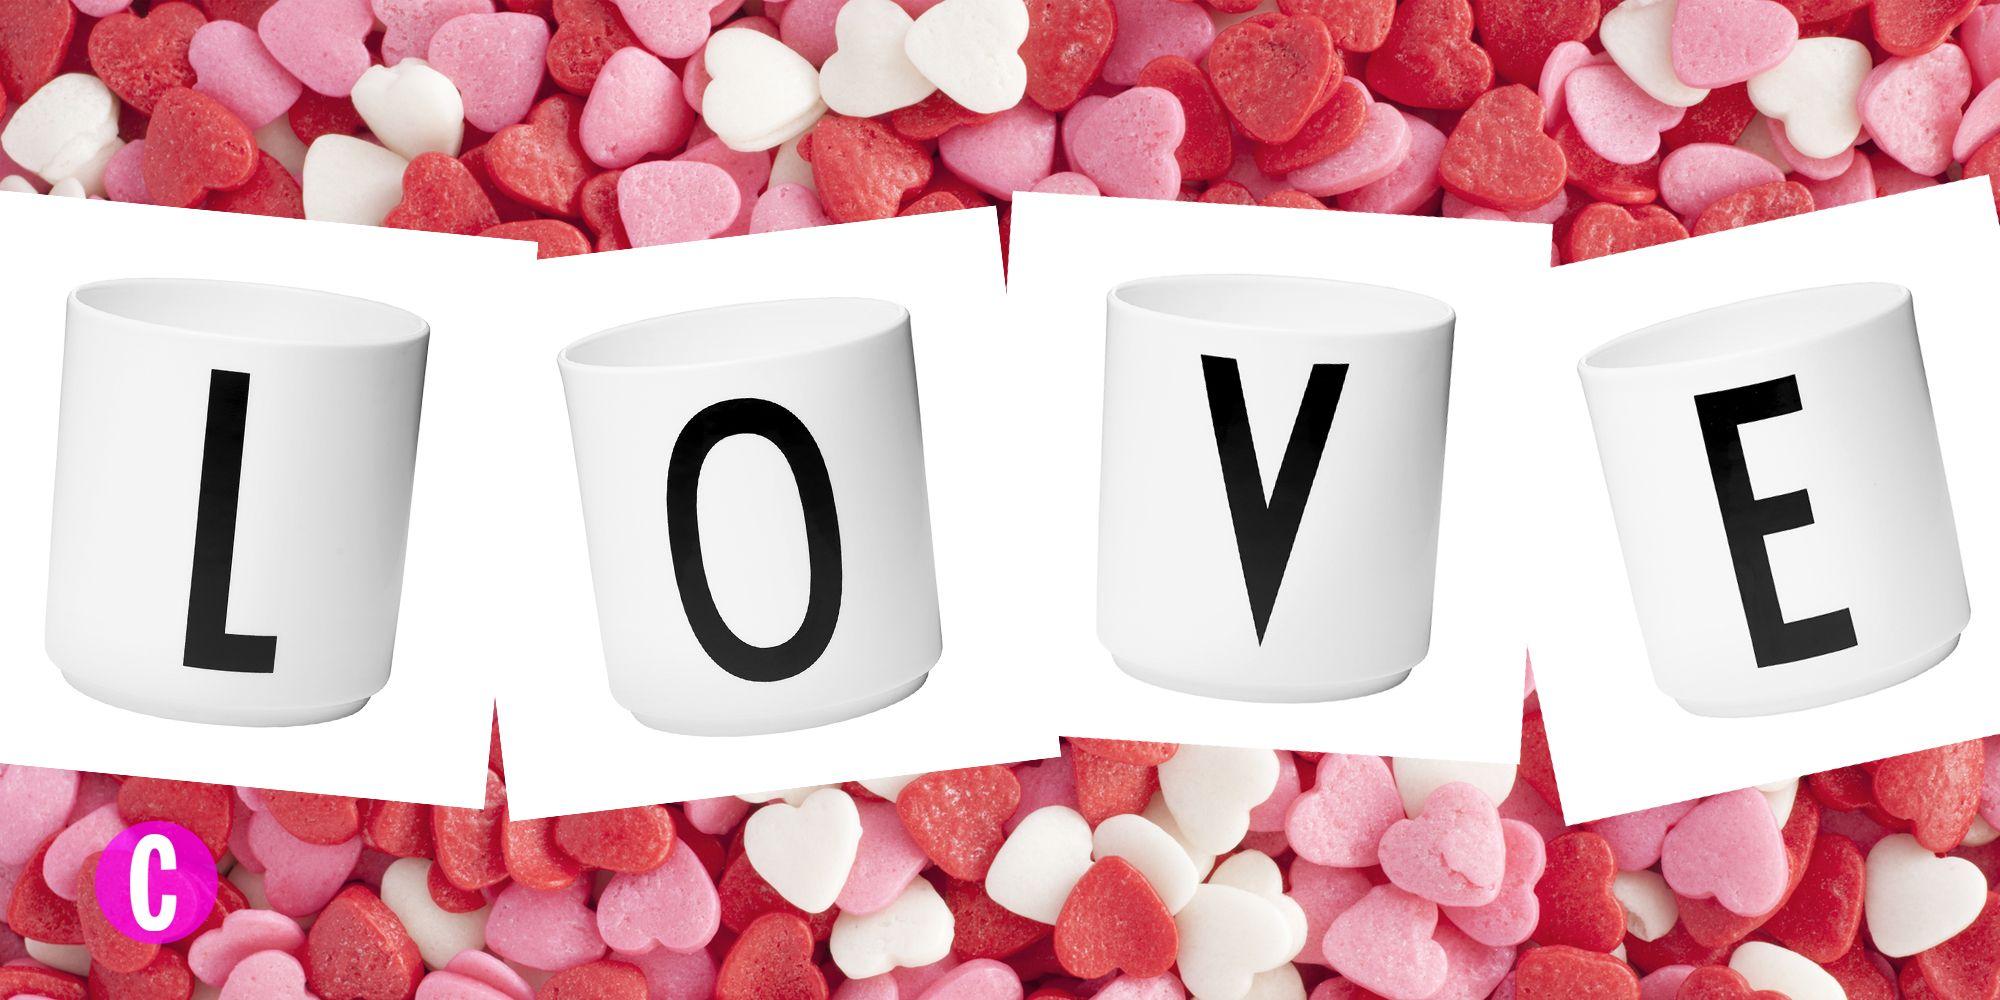 Molto Cosa regalare a San Valentino? 14 idee molto romantiche GJ48